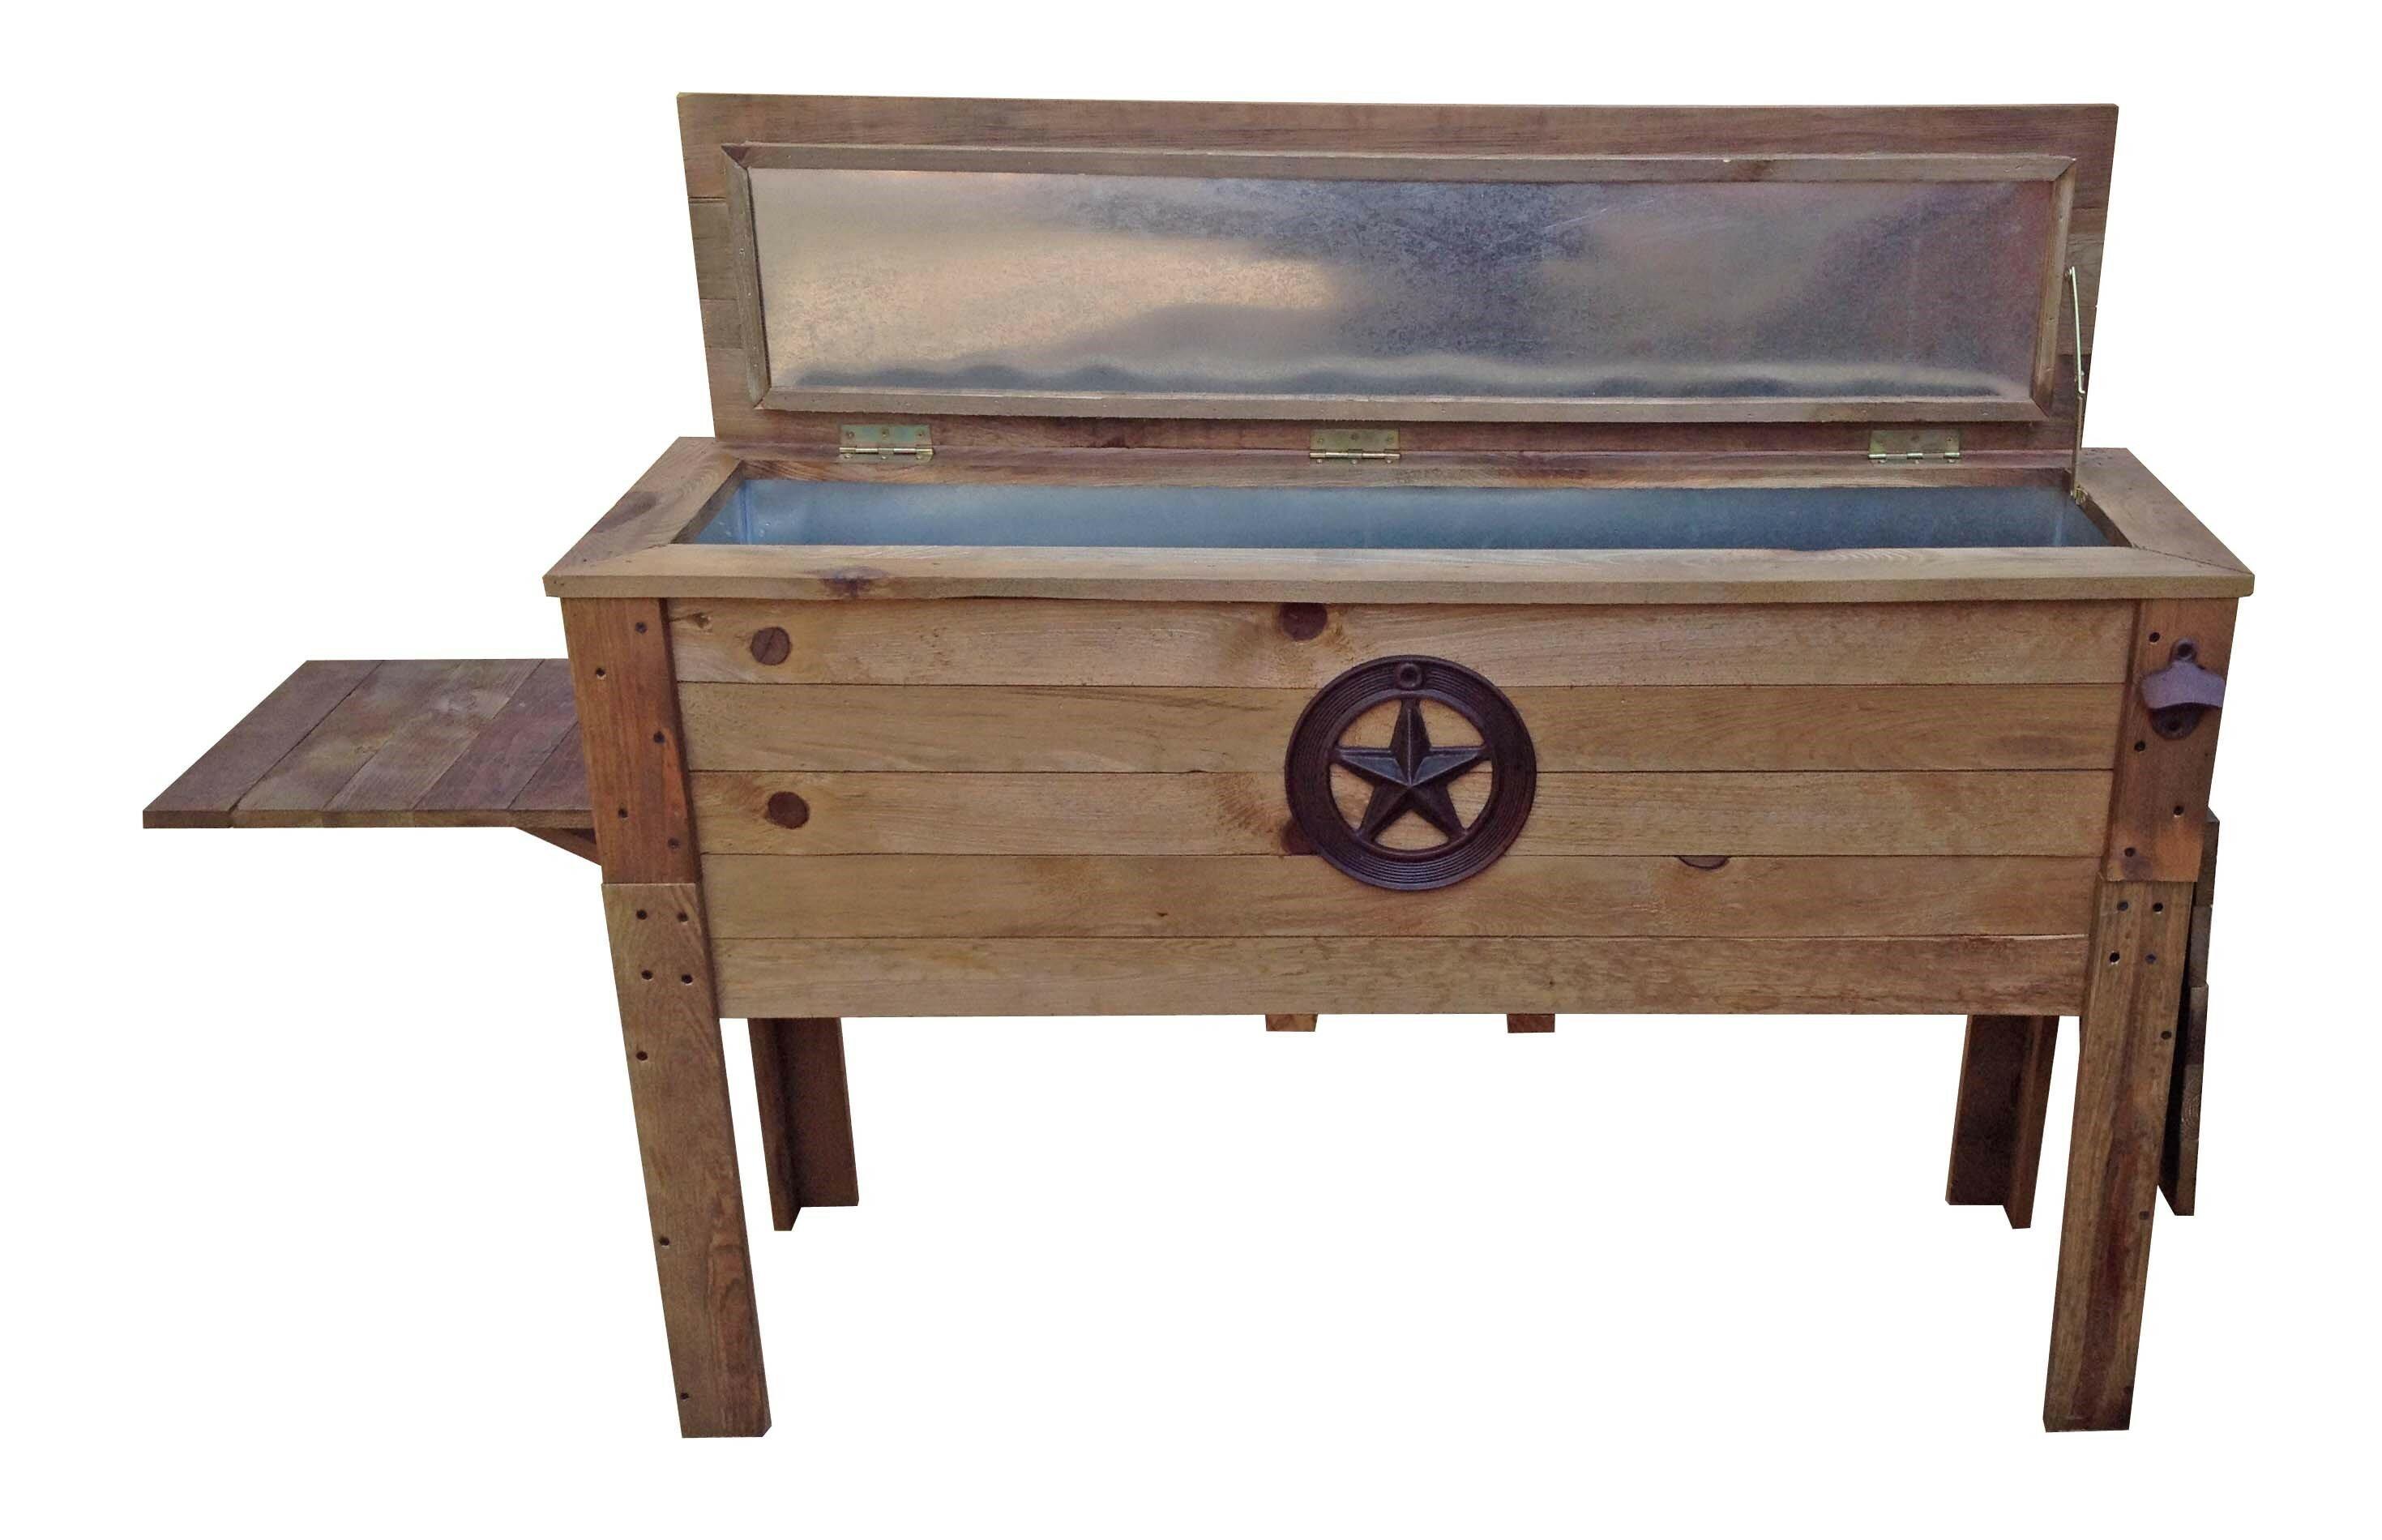 87 Qt Decorative Outdoor Wooden Cooler